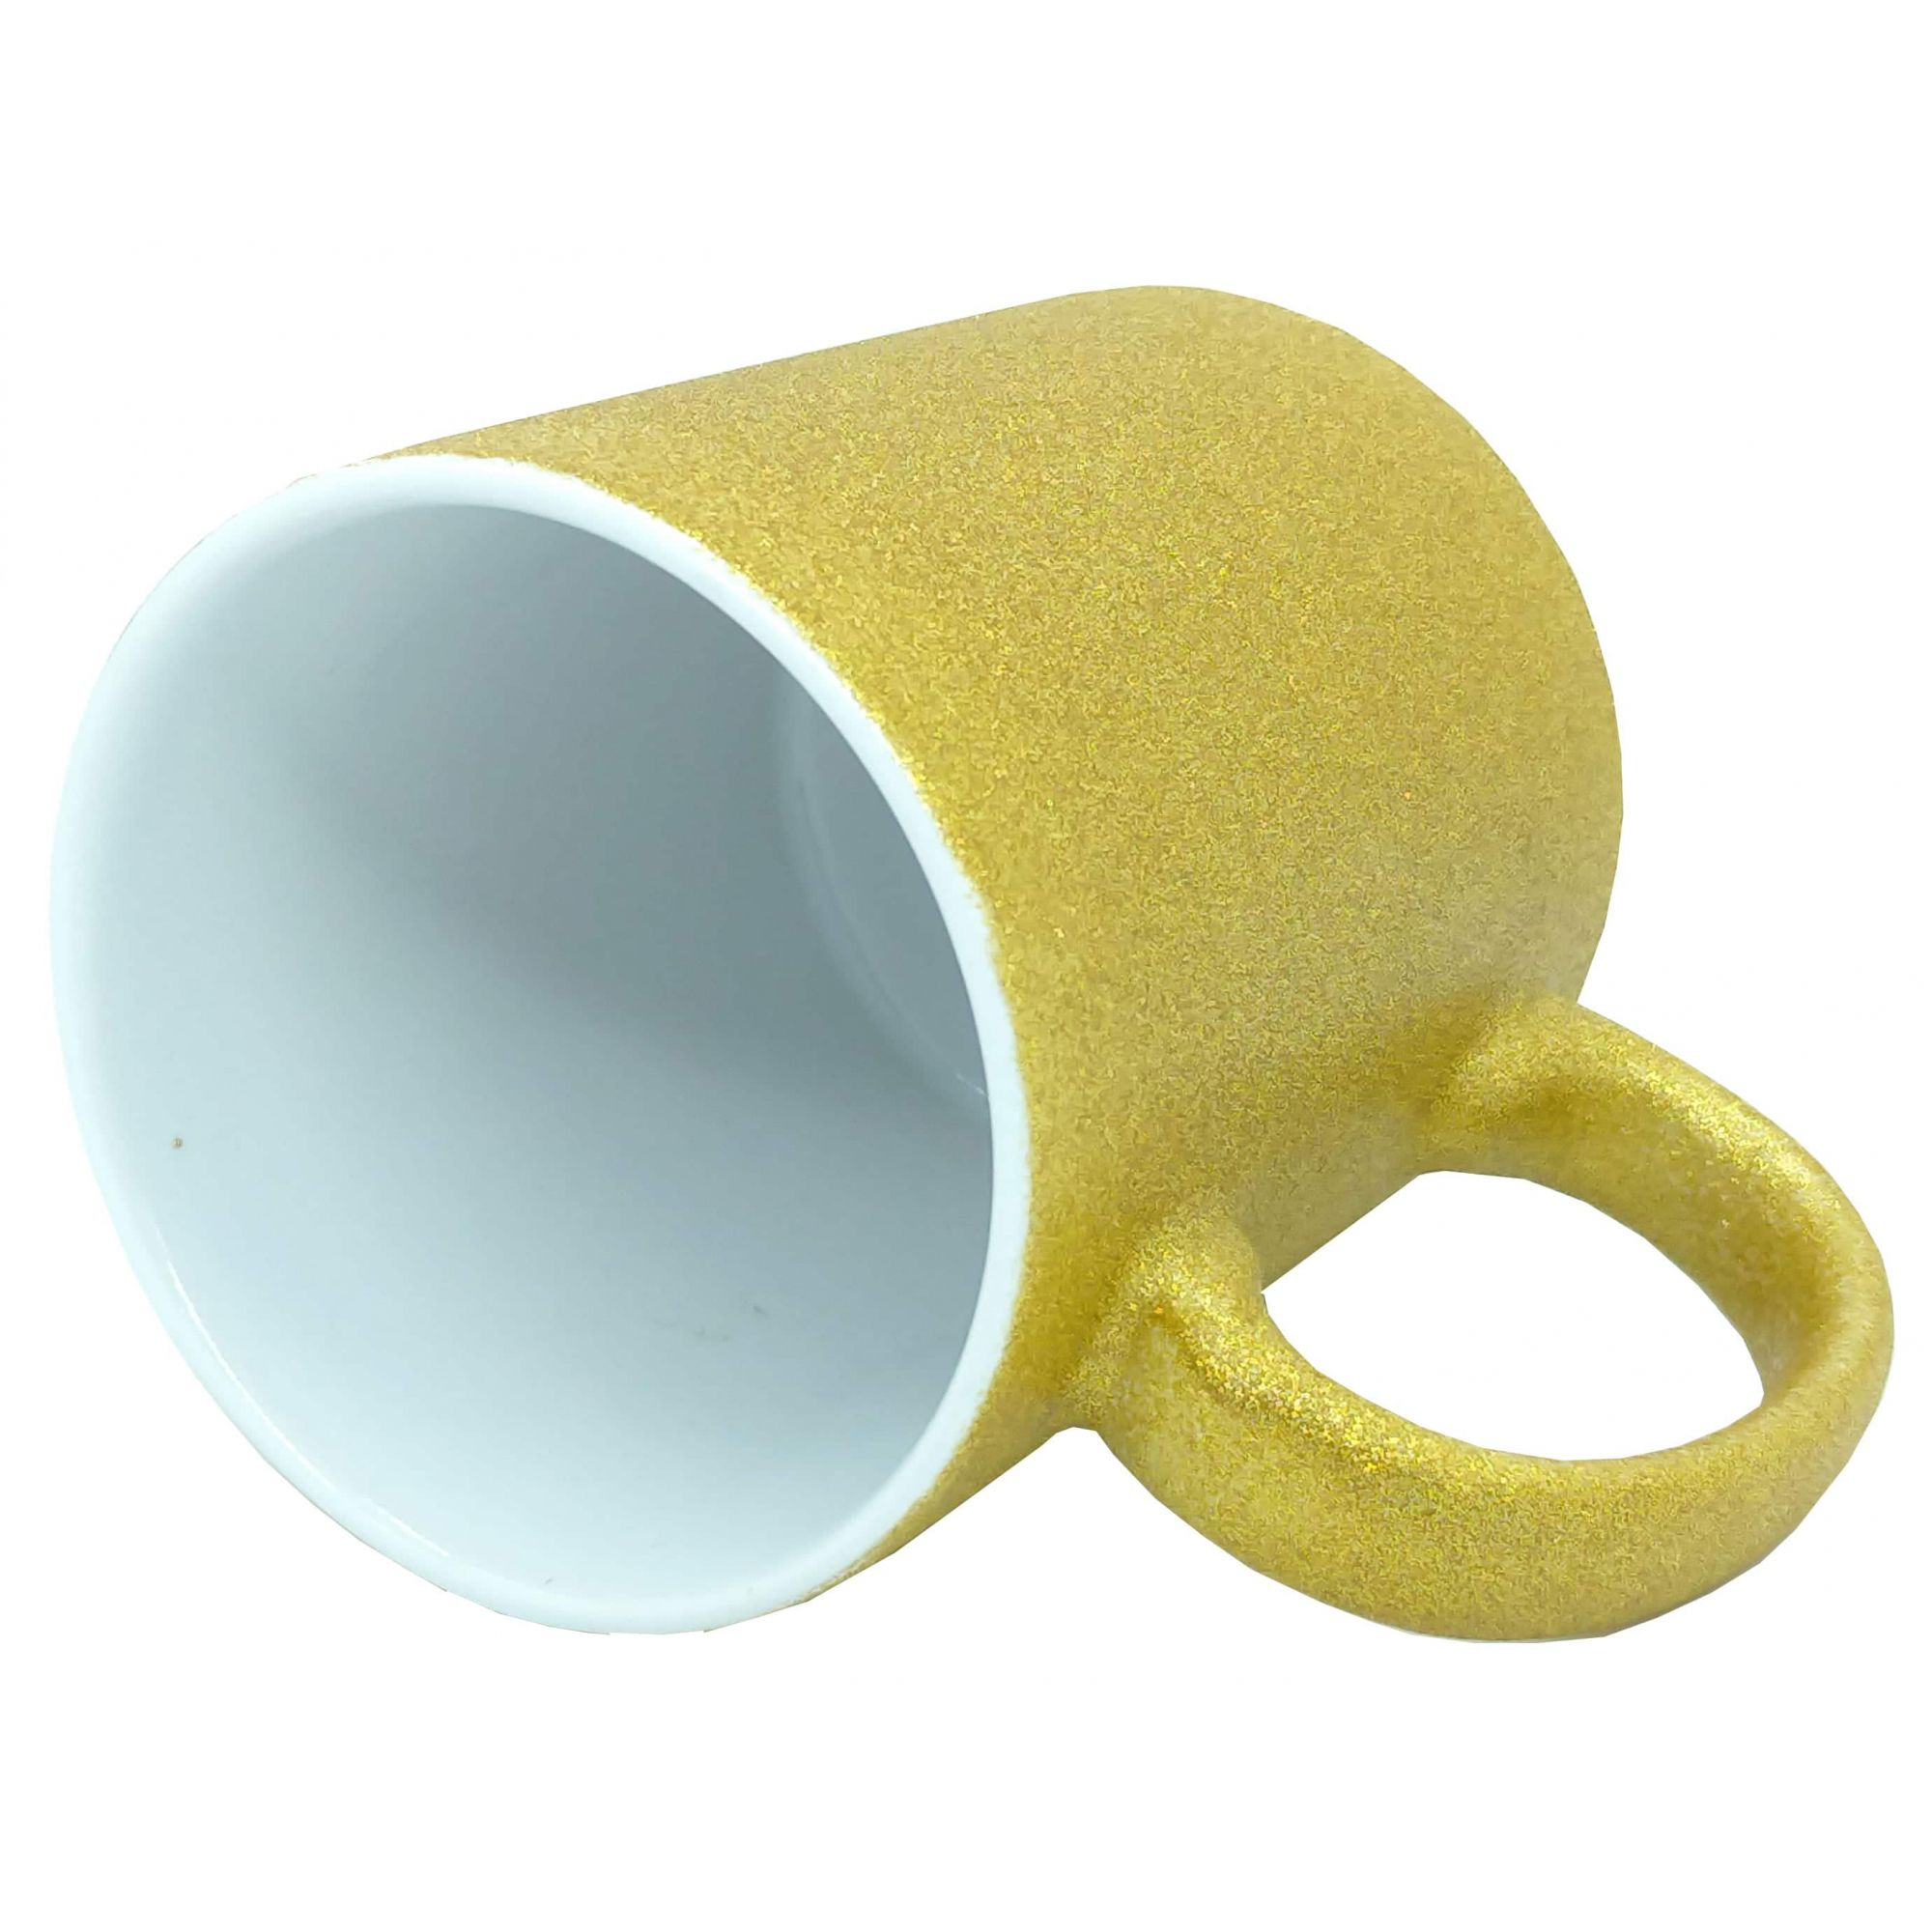 Caneca para Sublimação de Cerâmica Glitter Dourado - Classe A  - ALFANETI COMERCIO DE MIDIAS E SUBLIMAÇÃO LTDA-ME